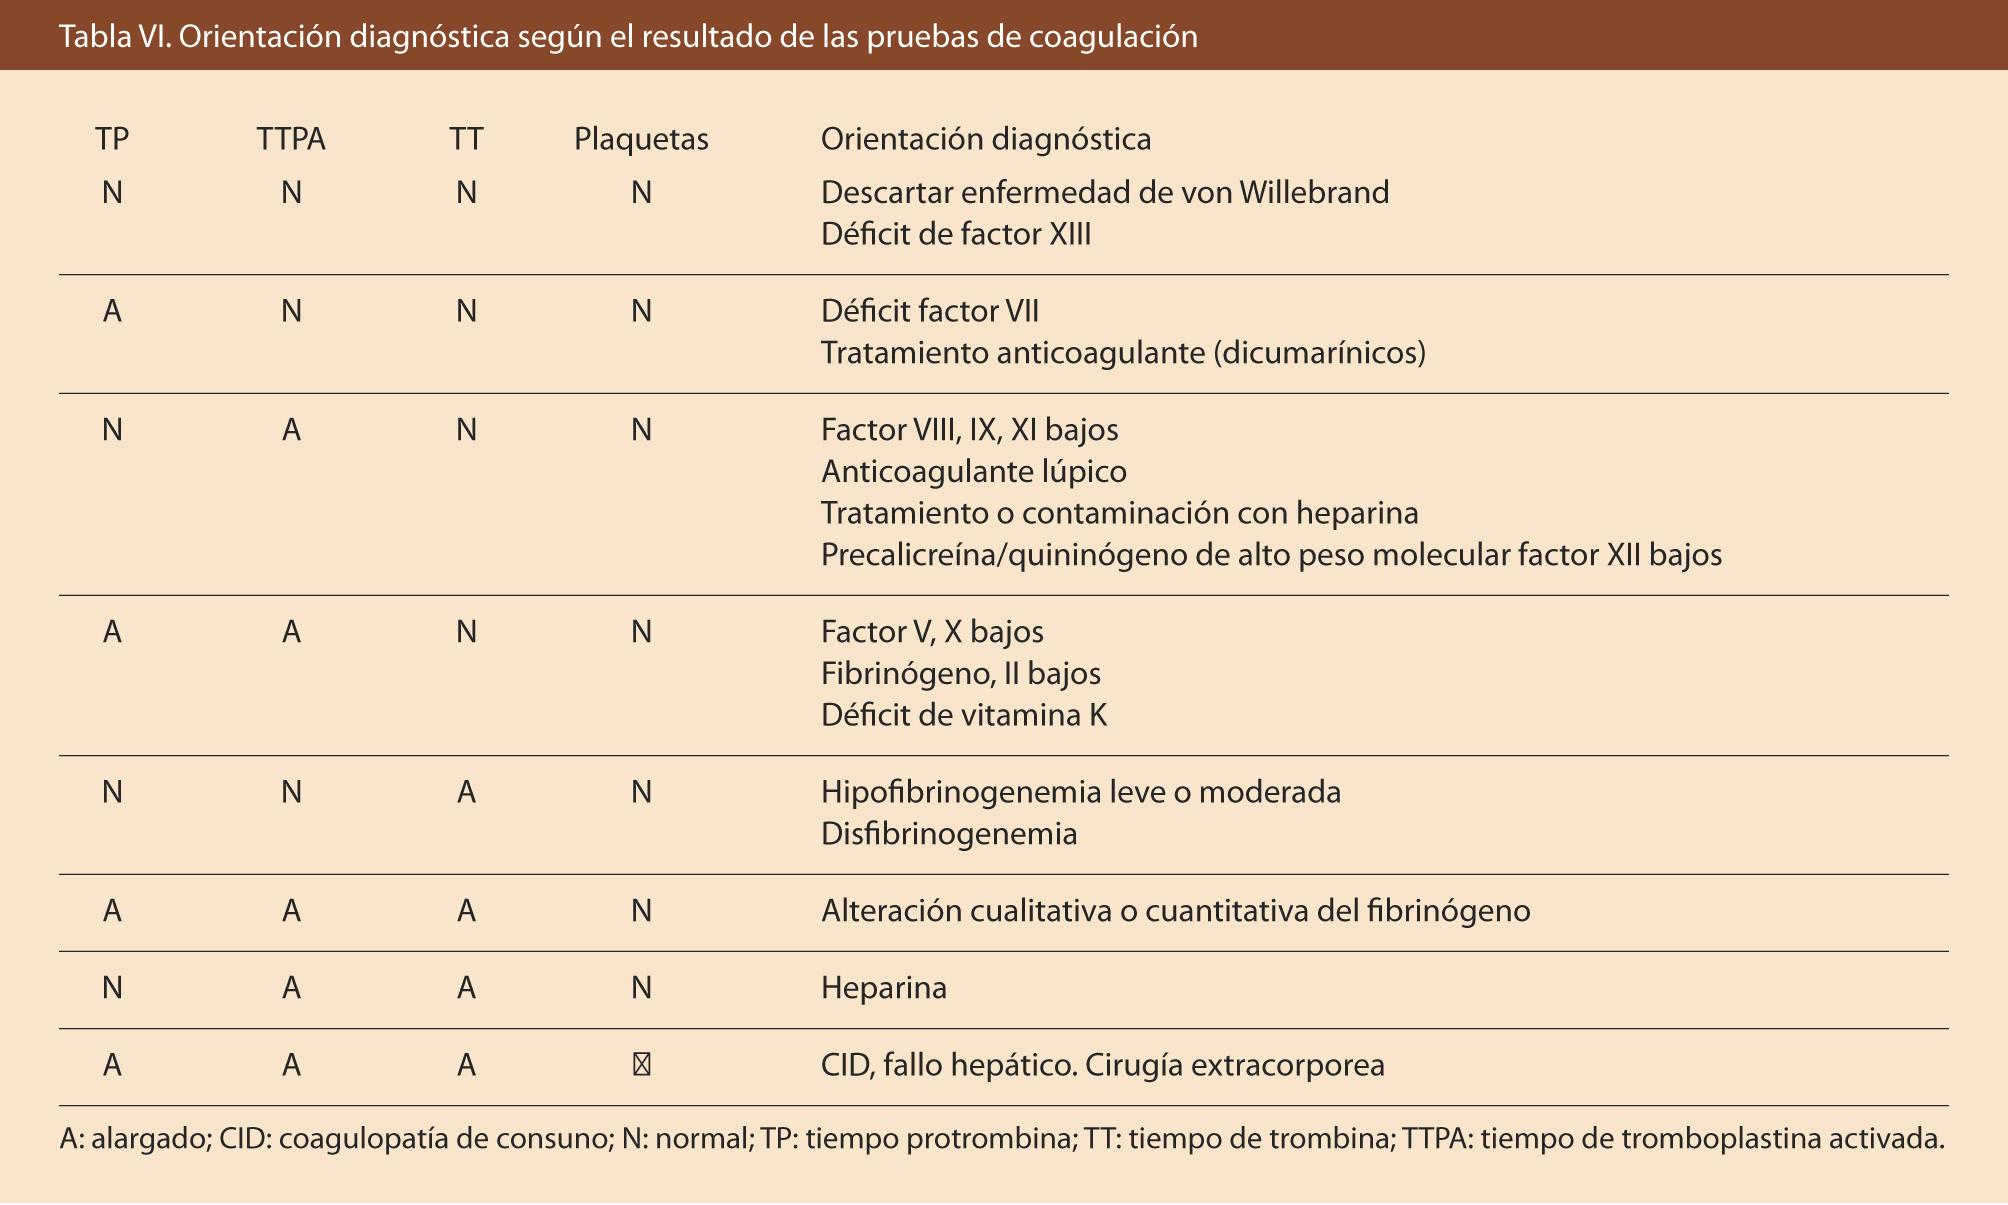 niveles normales de leucocitos en recien nacidos